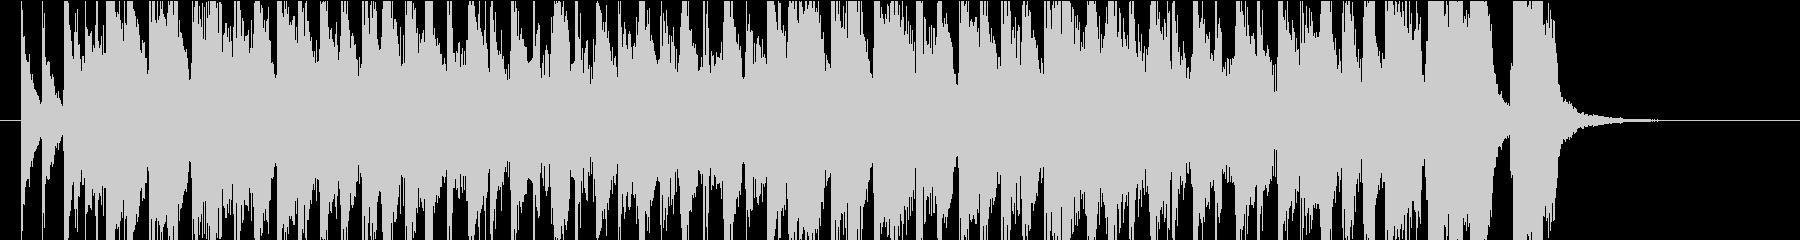 ゴキゲンなスカ バラエティのオープニングの未再生の波形